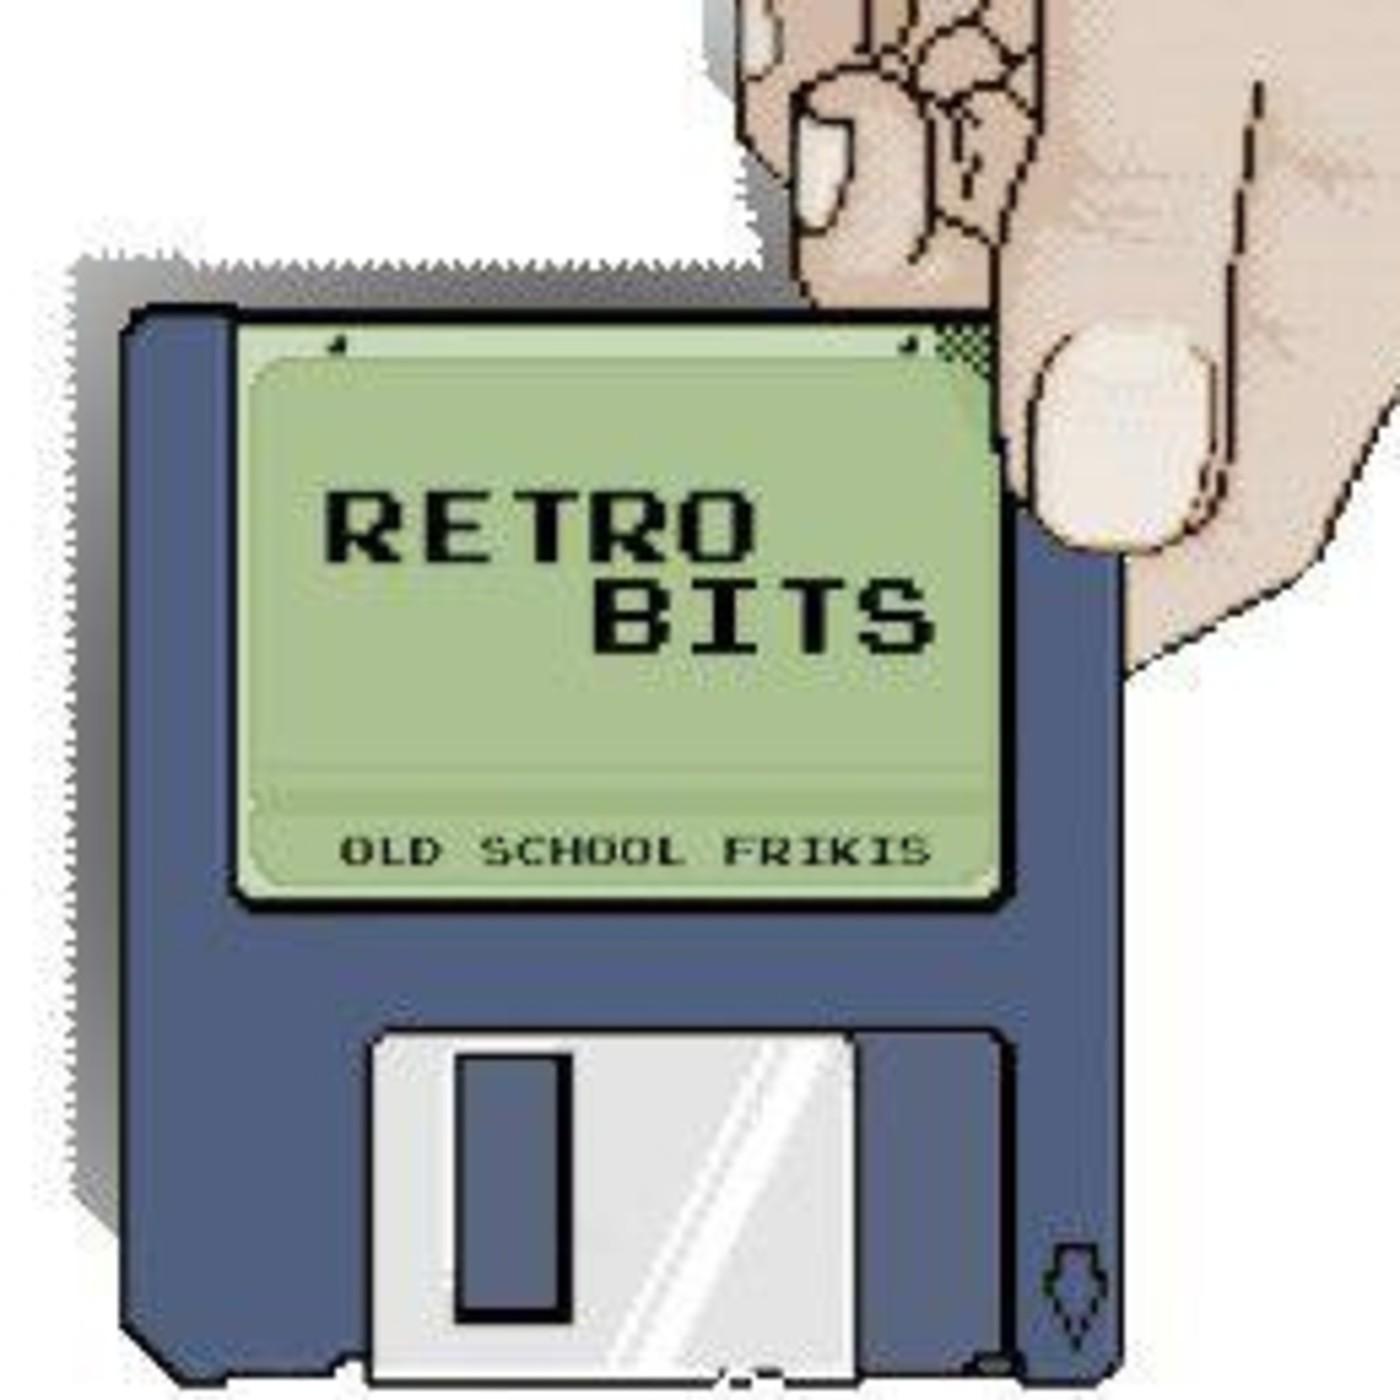 RetroBits Podcast - 2x07 - El de la pelea de portátiles ochobiteras